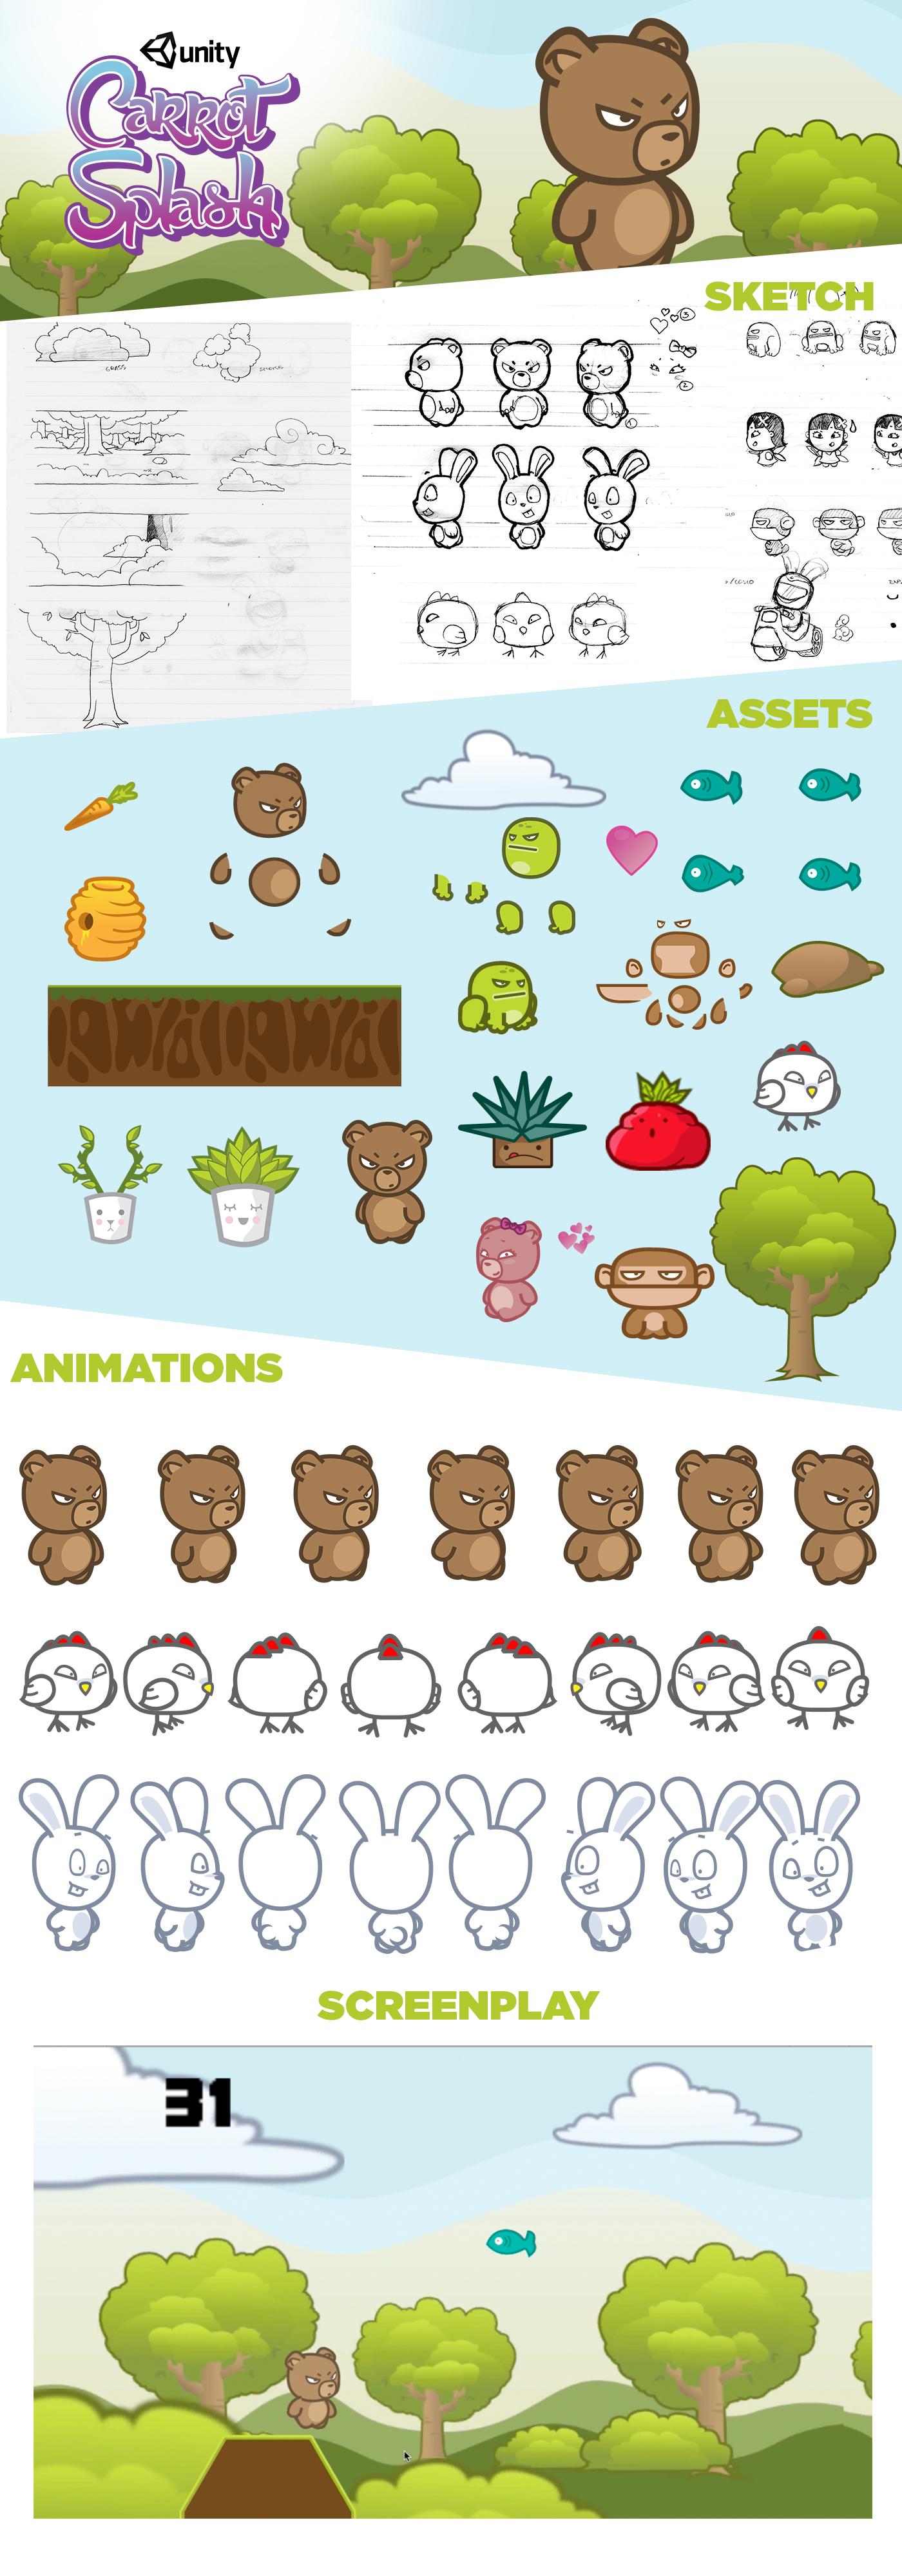 game design  ilustration unity ilustrator photoshop